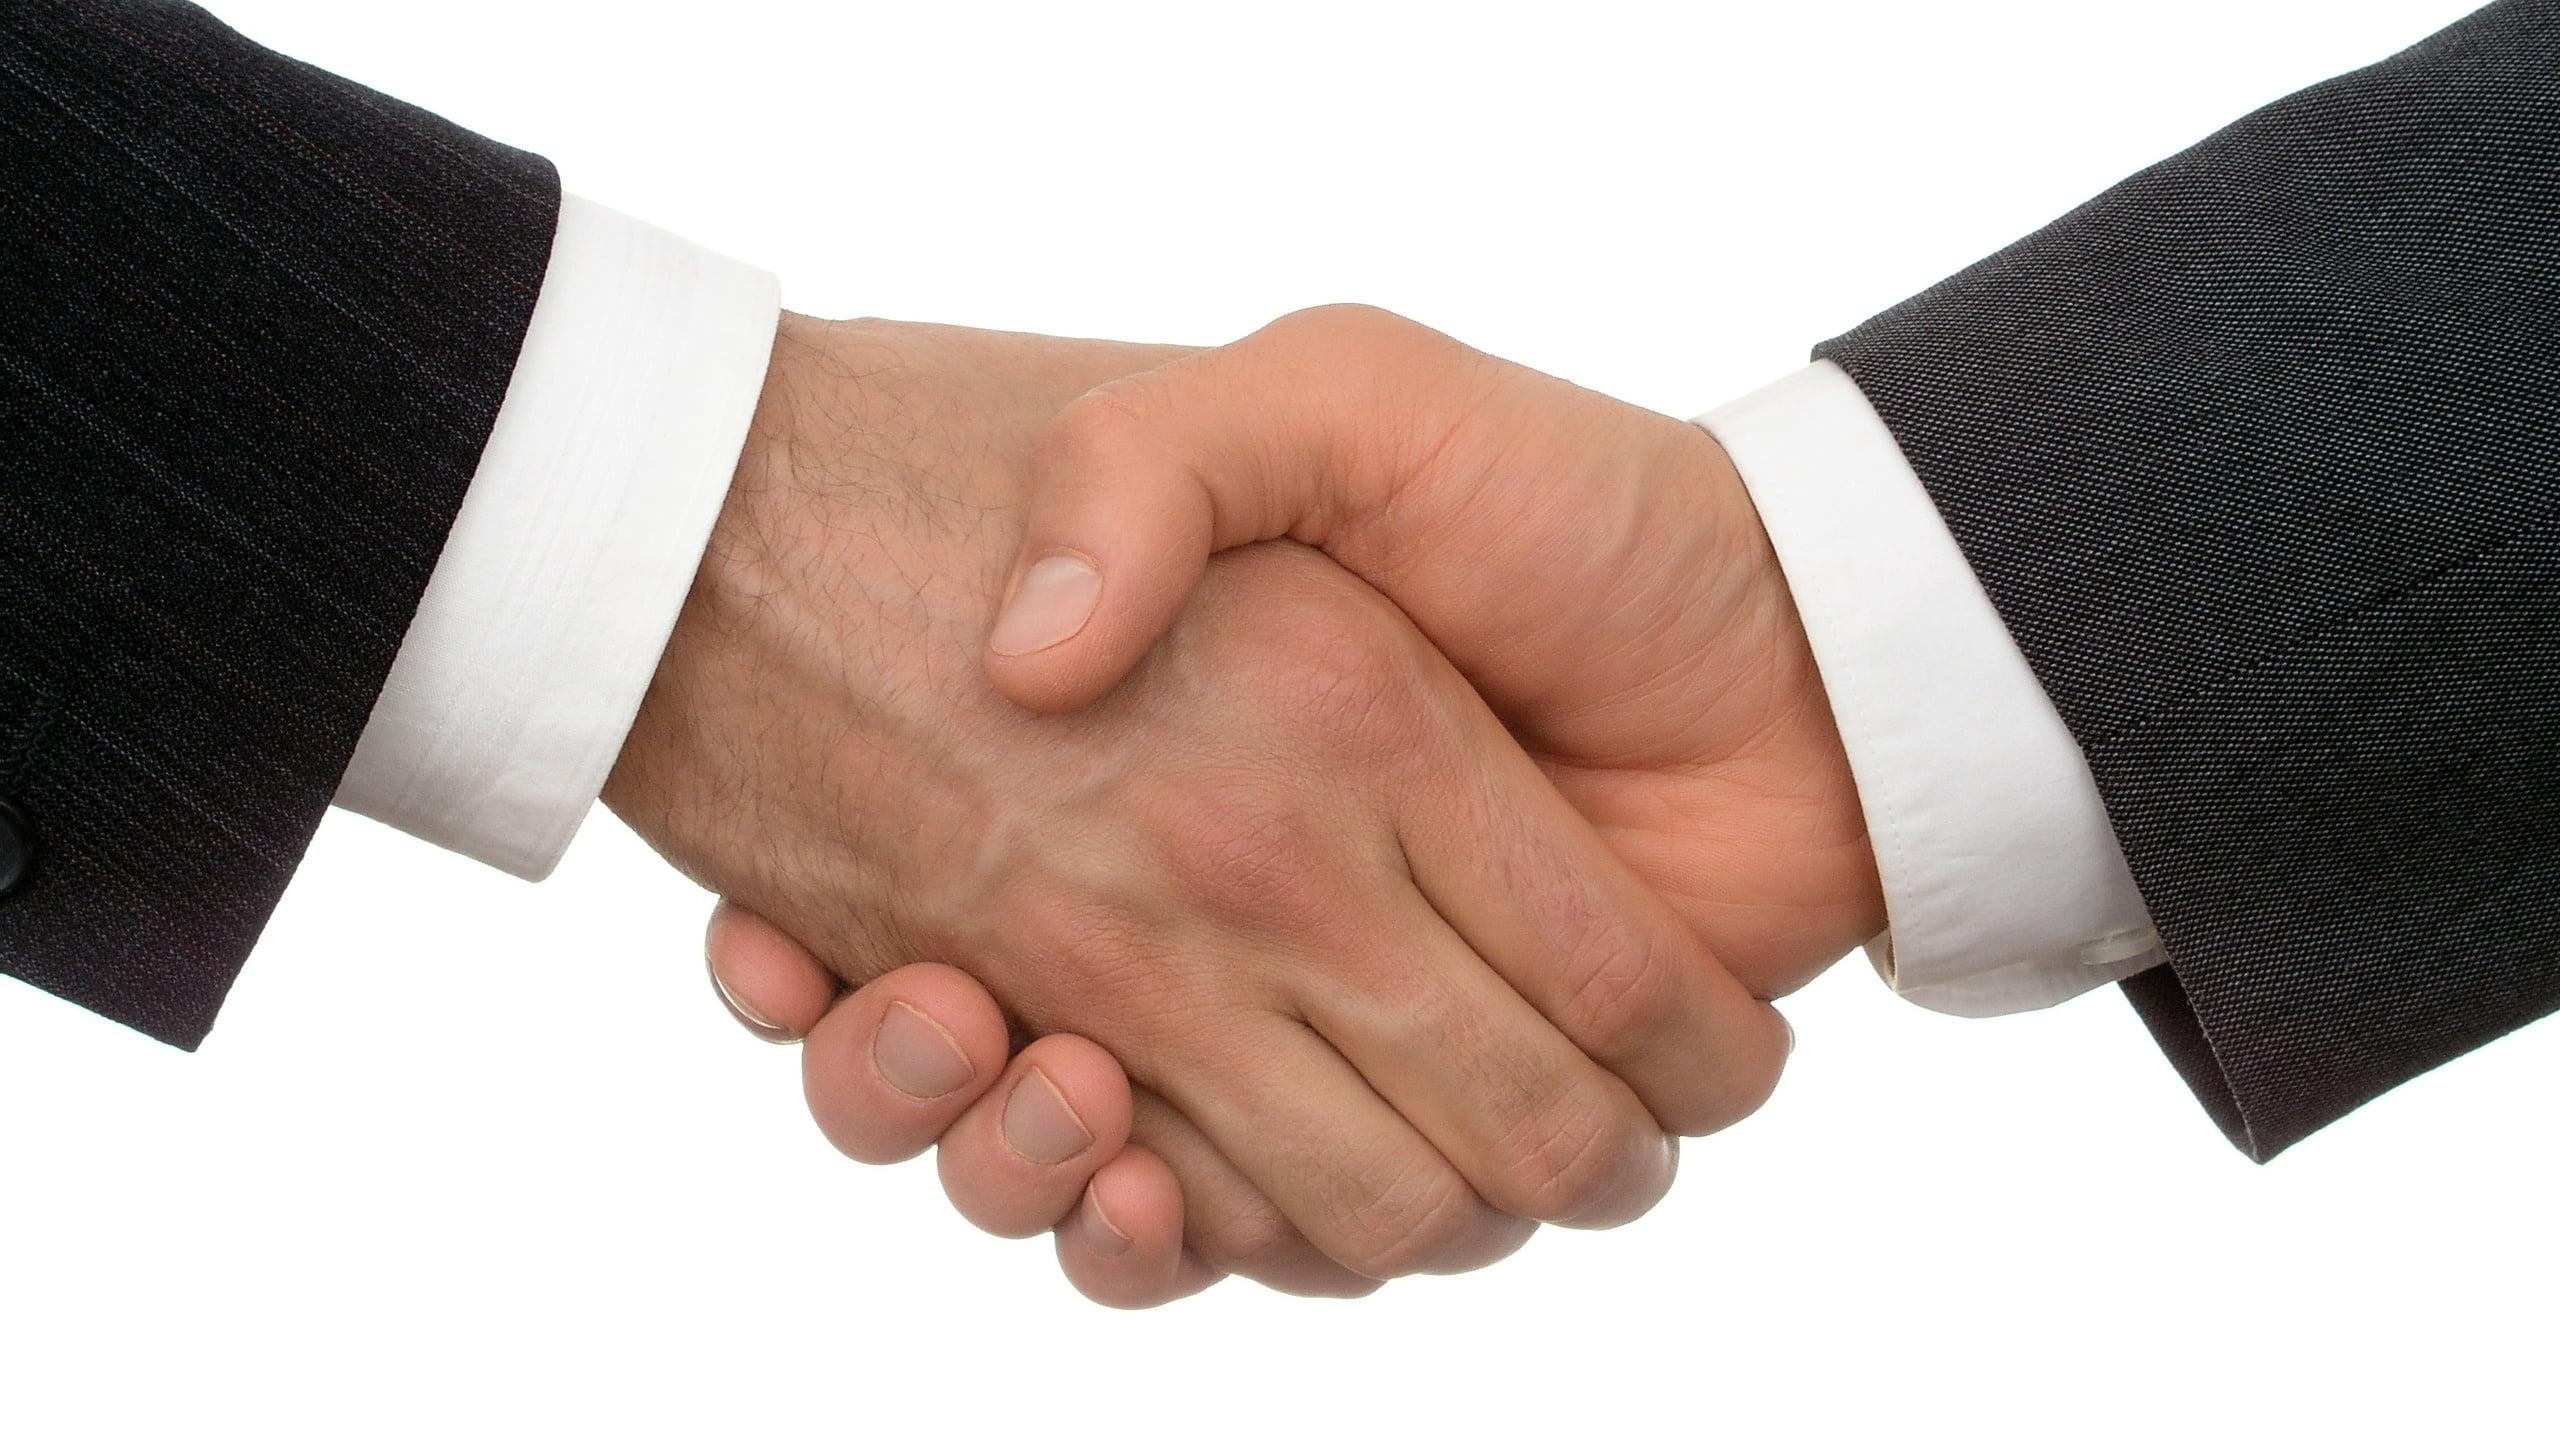 Yeni İş Kurmuş Birine Alınabilecek İşyeri Hediyeleri